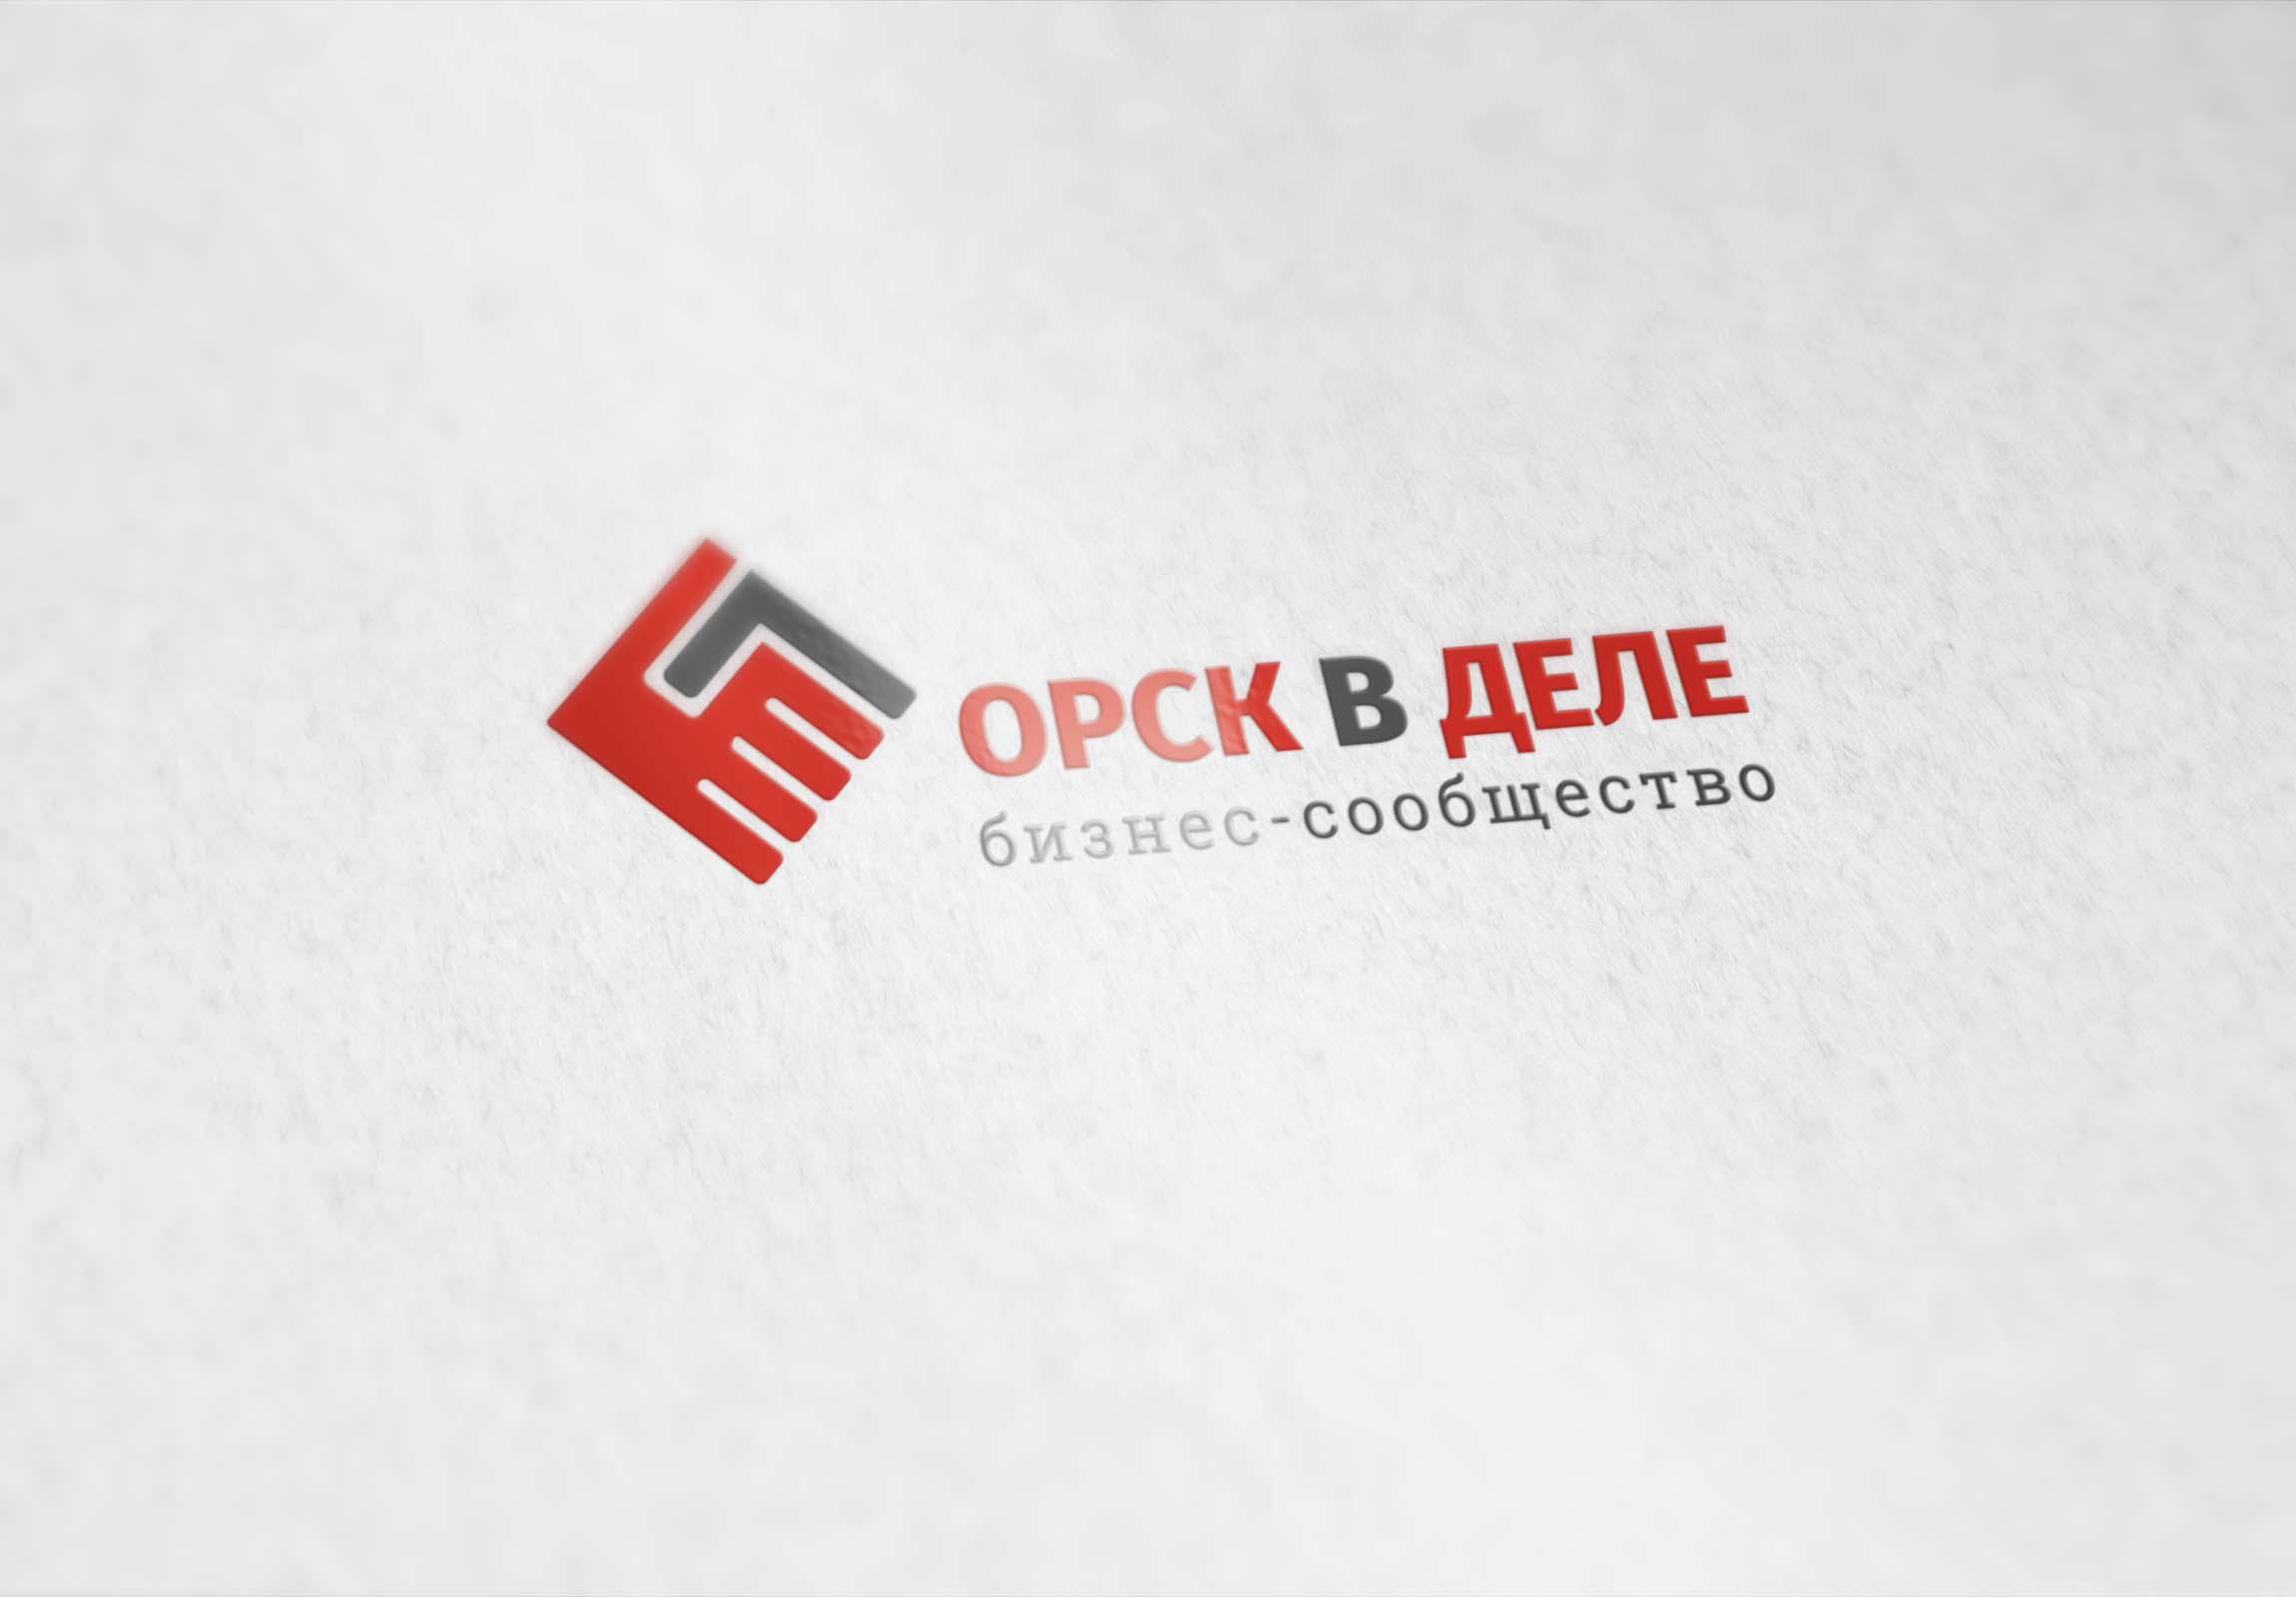 Орск в деле. Логотип + логобук